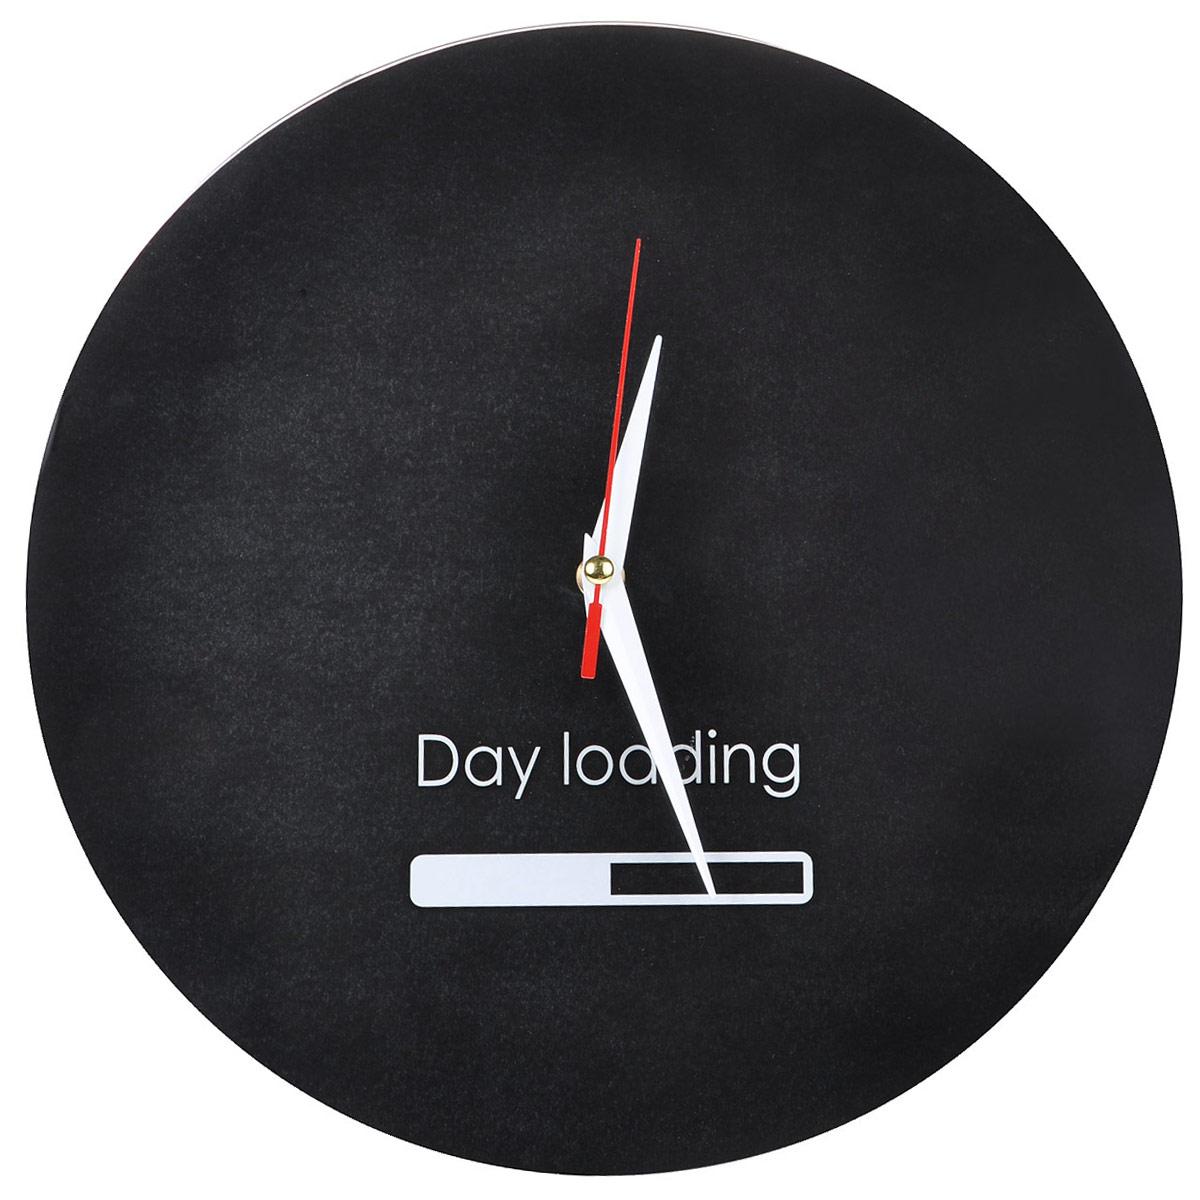 Часы настенные Day Loading, стеклянные, цвет: черный, белый. 9554695546Оригинальные настенные часы Day Loading круглой формы выполнены из стекла и оформлены надписью Day Loading и индикатором. Часы имеют три стрелки - часовую, минутную и секундную. Циферблат часов не защищен. Необычное дизайнерское решение и качество исполнения придутся по вкусу каждому. Оформите свой дом таким интерьерным аксессуаром или преподнесите его в качестве презента друзьям, и они оценят ваш оригинальный вкус и неординарность подарка.